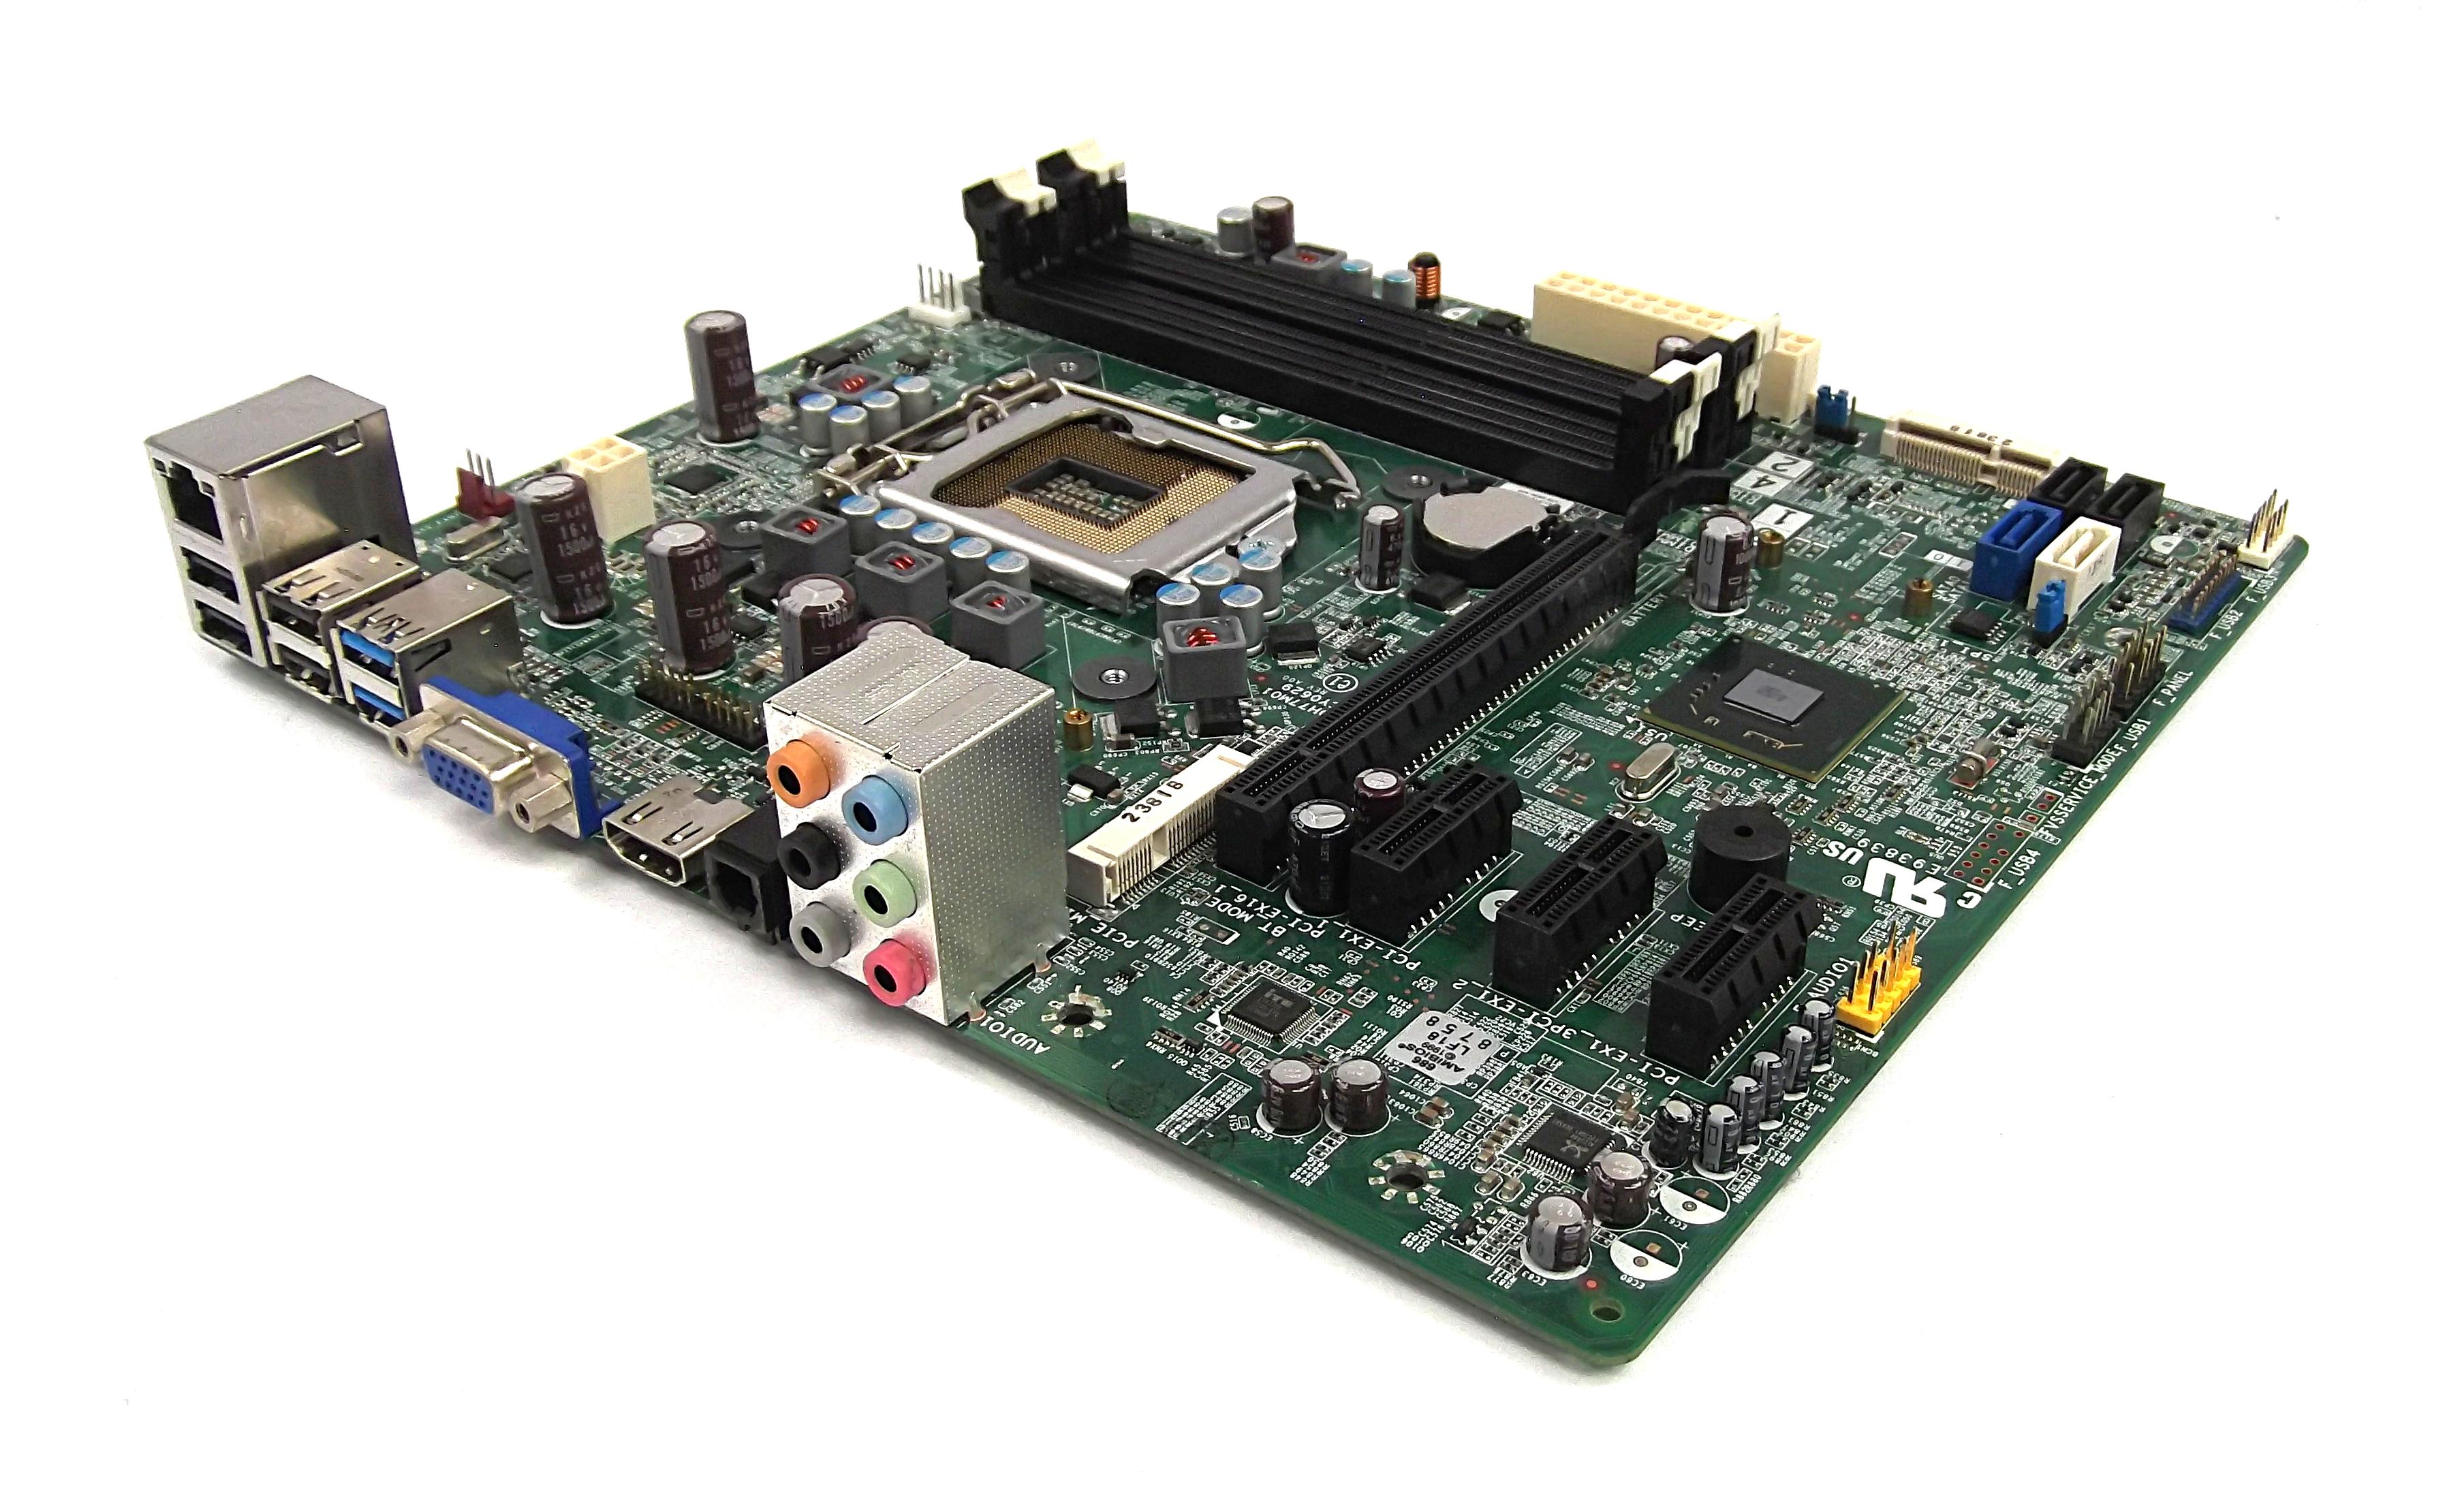 Dell YJPT1 Vostro 470 Socket LGA1155 Motherboard